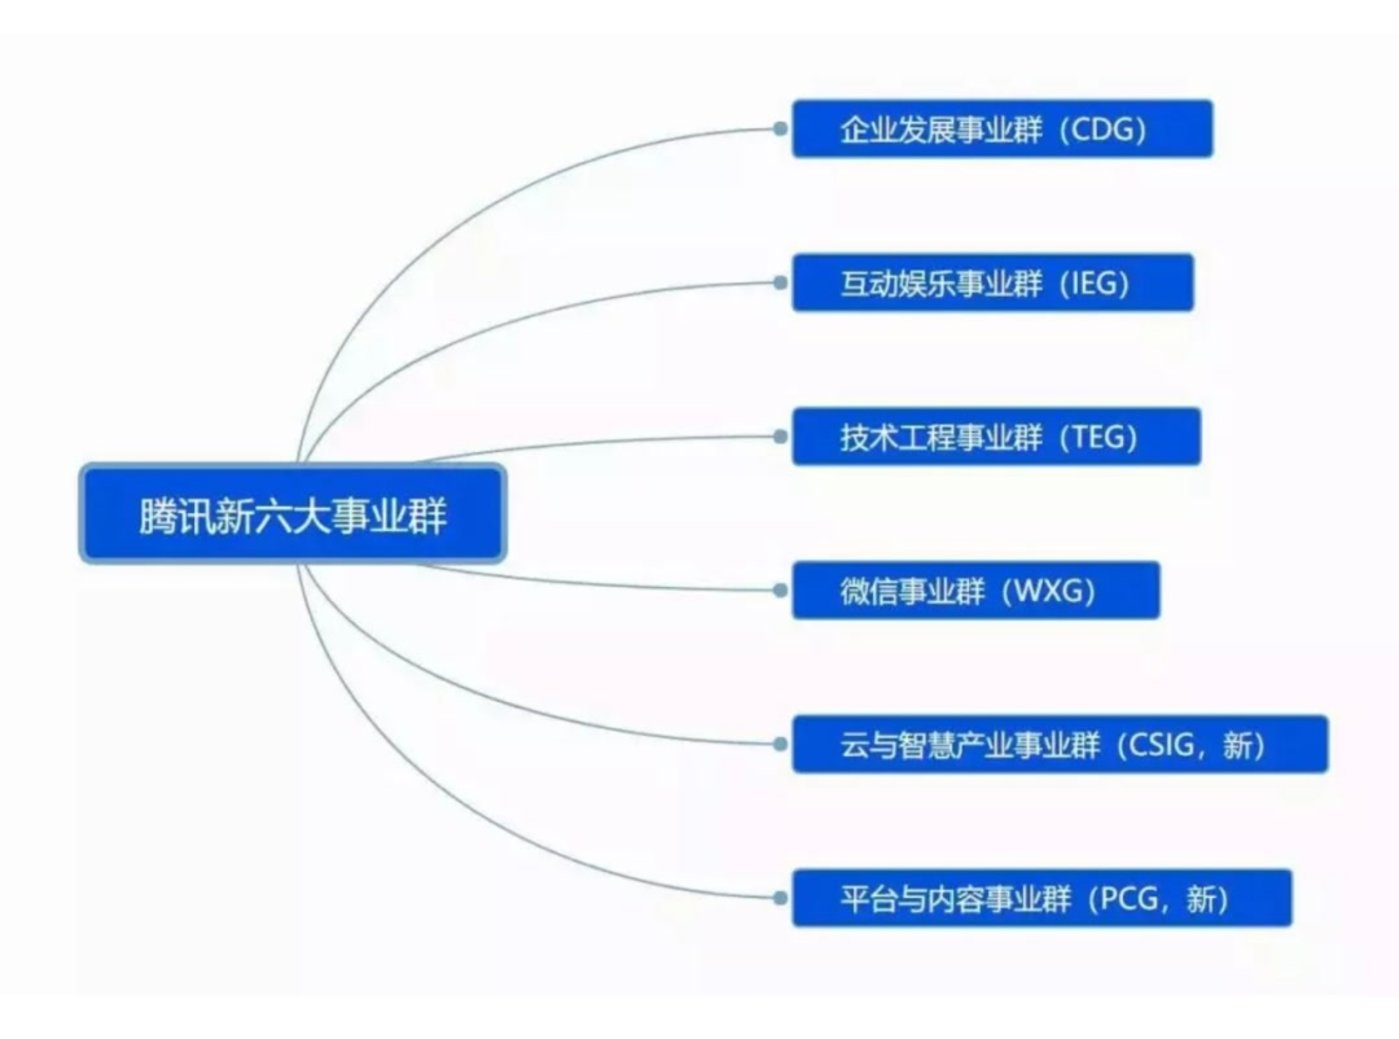 ▲图:变革后的六大事业群